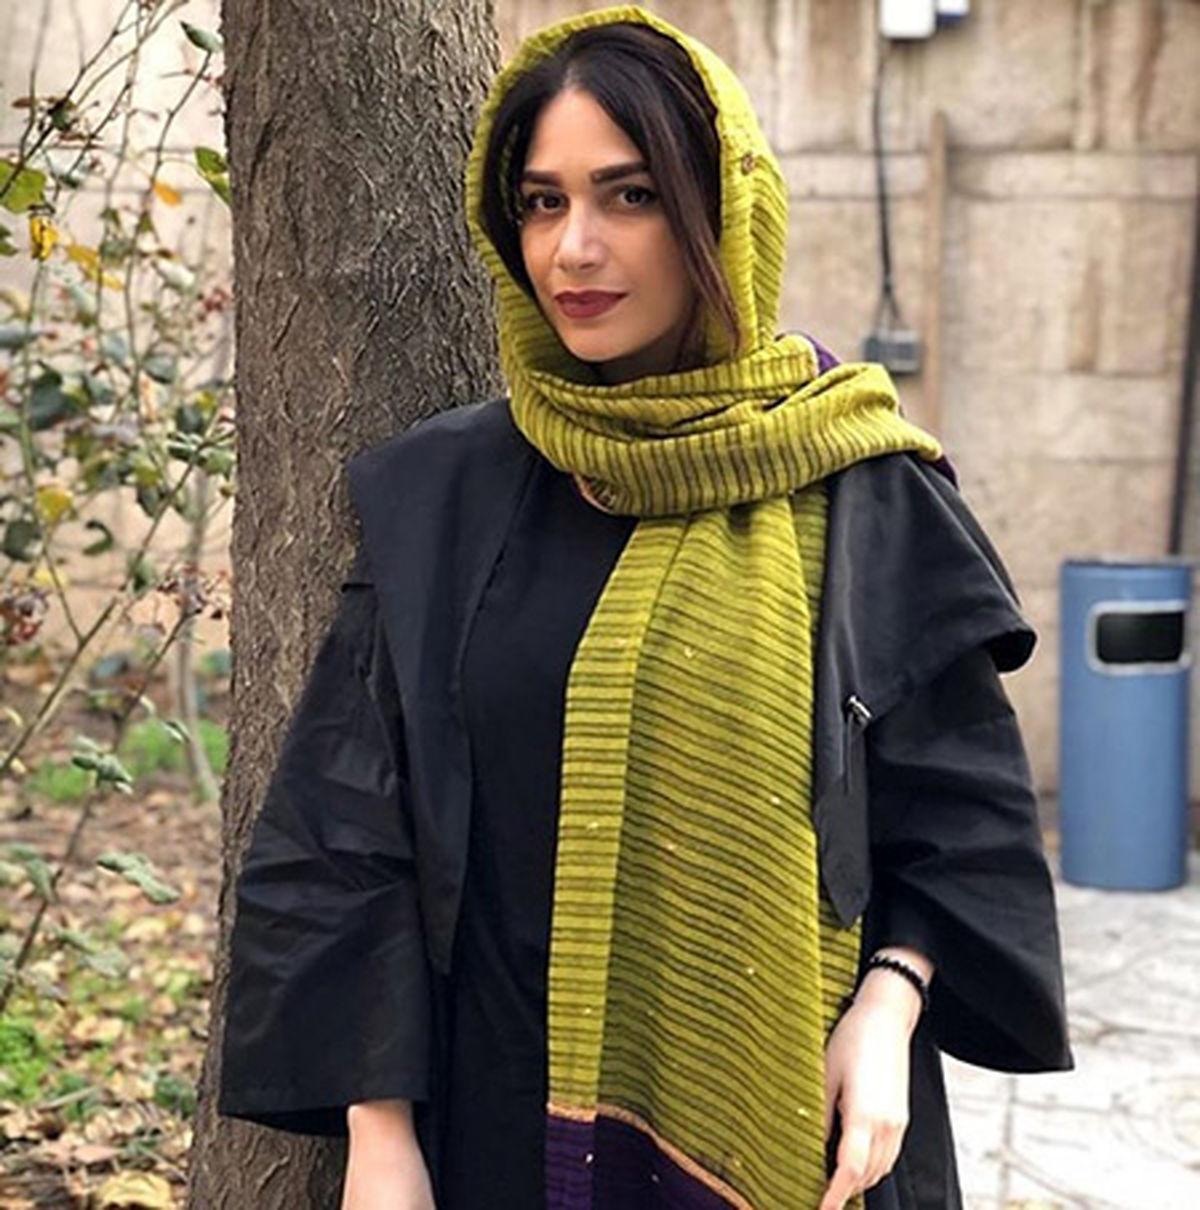 آسیه اسدزاده در جشنواره کن + عکس